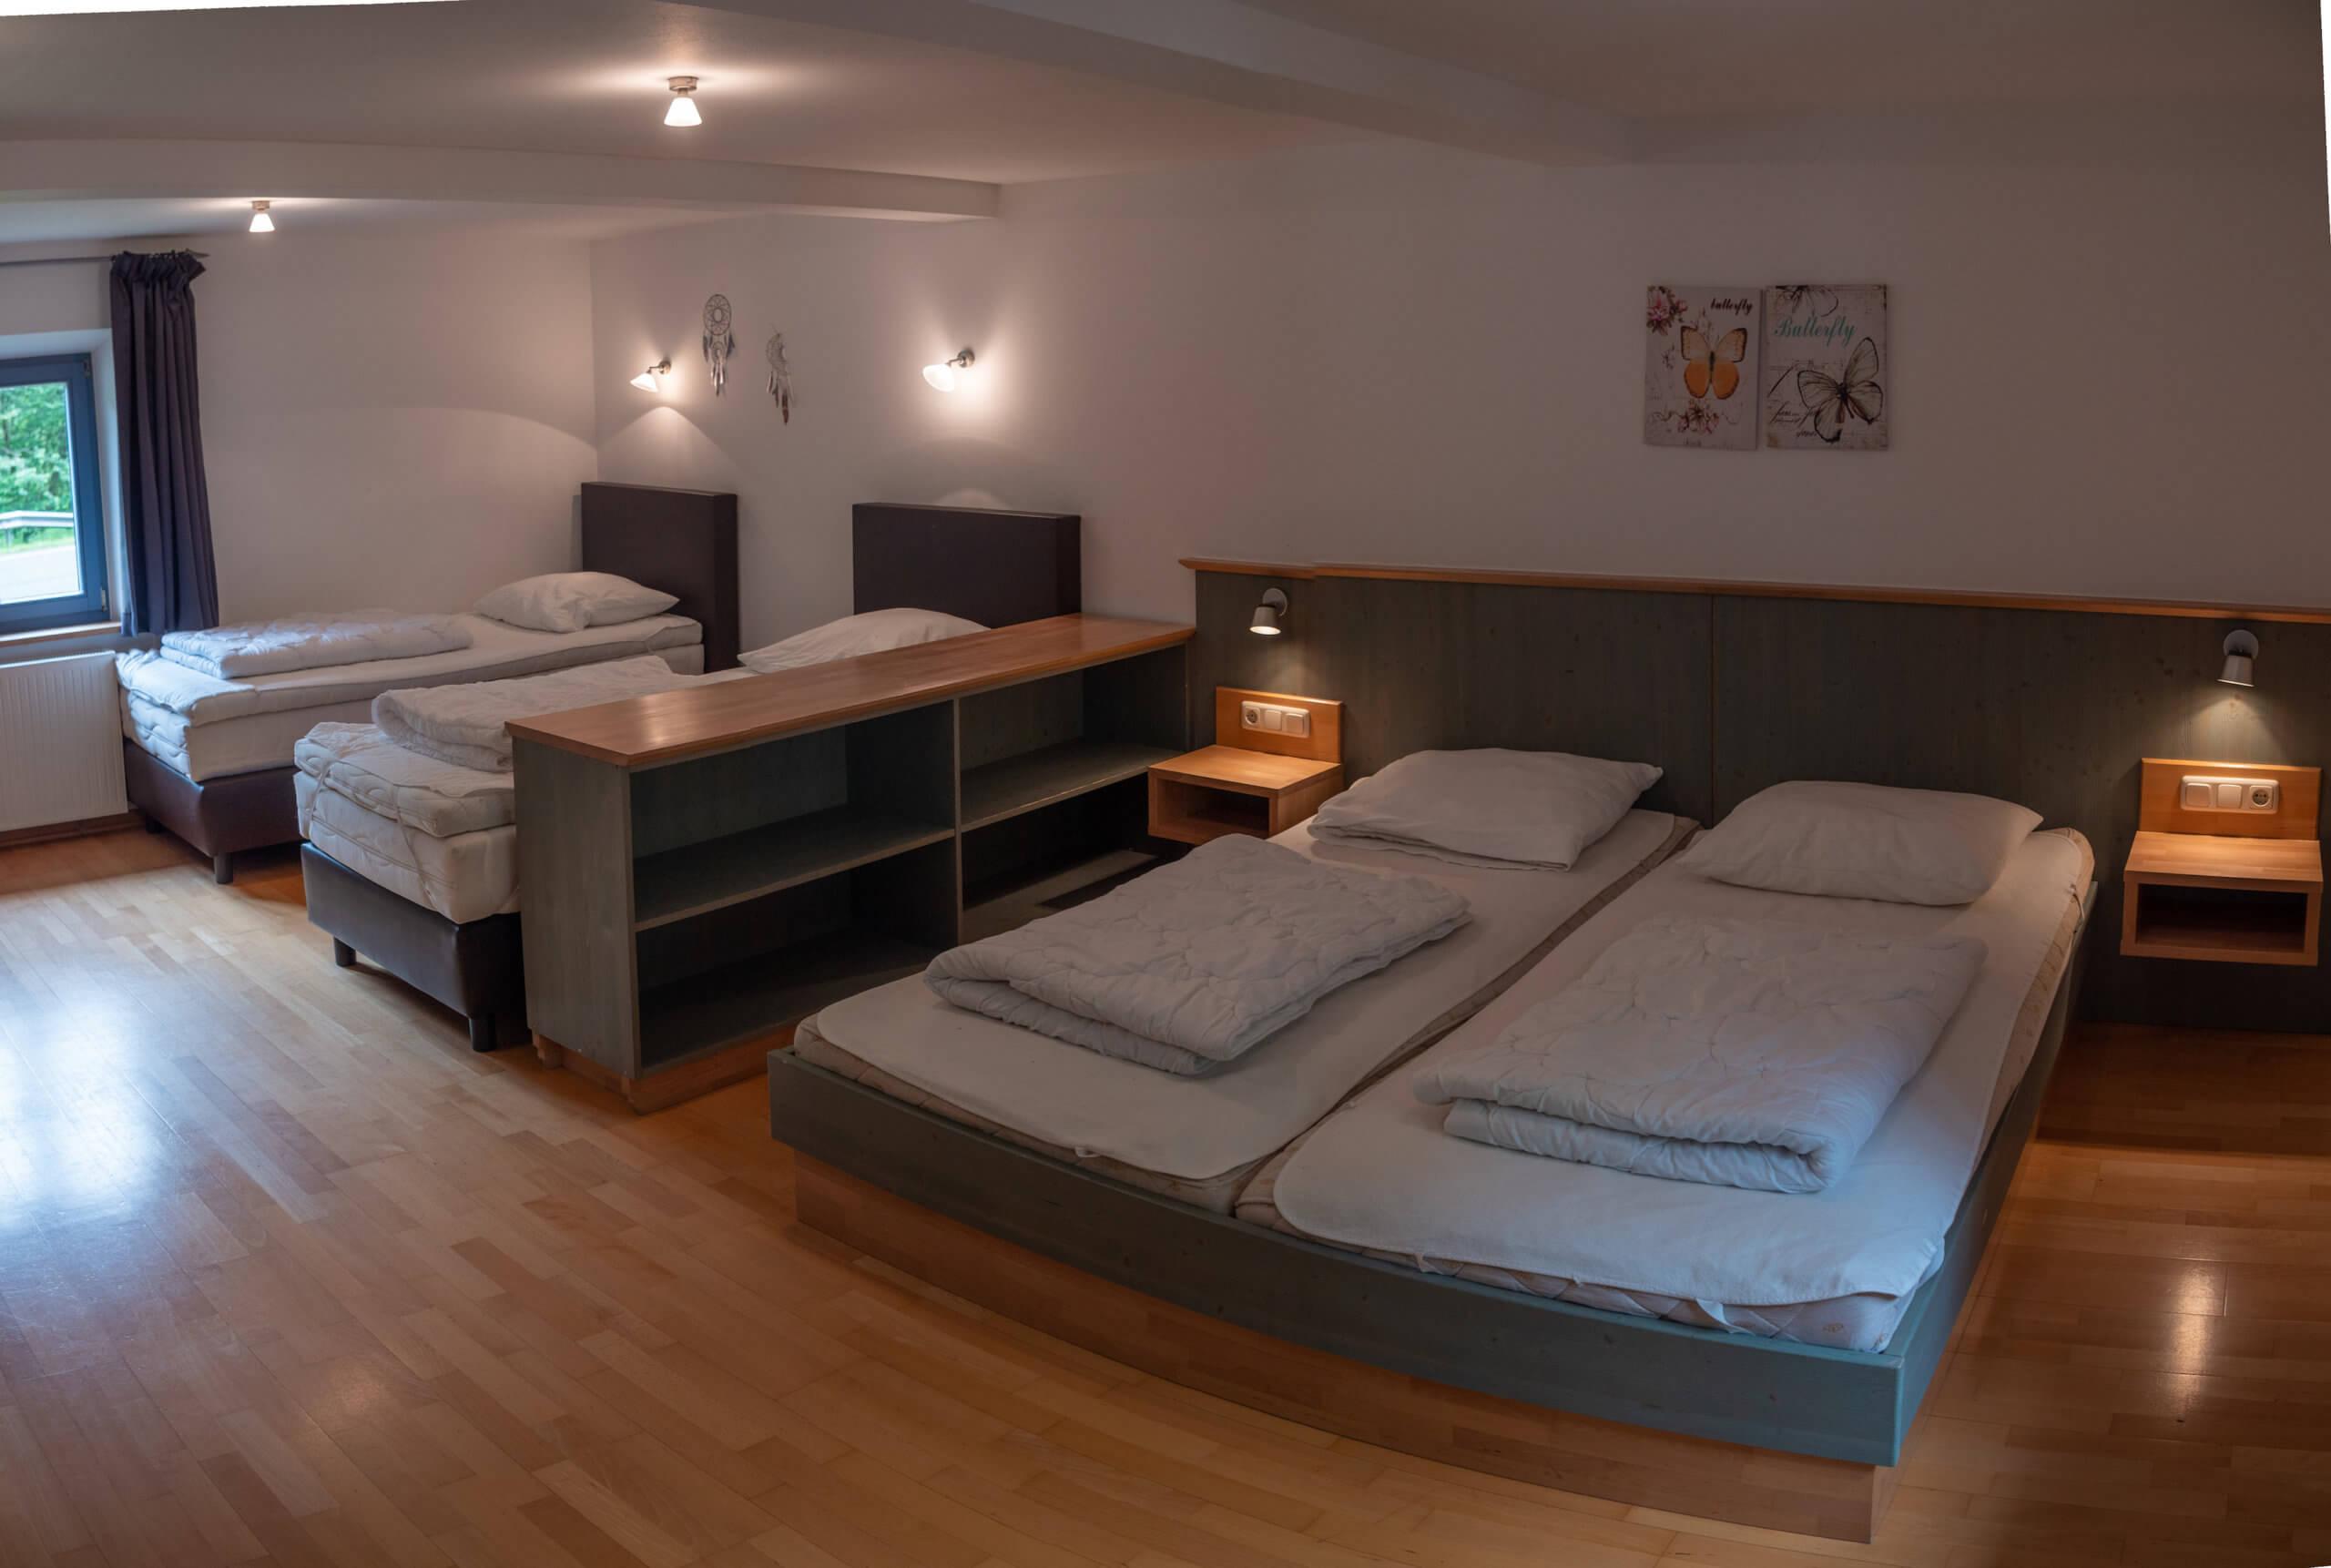 Innen - Schlafzimmer #1b - Pano